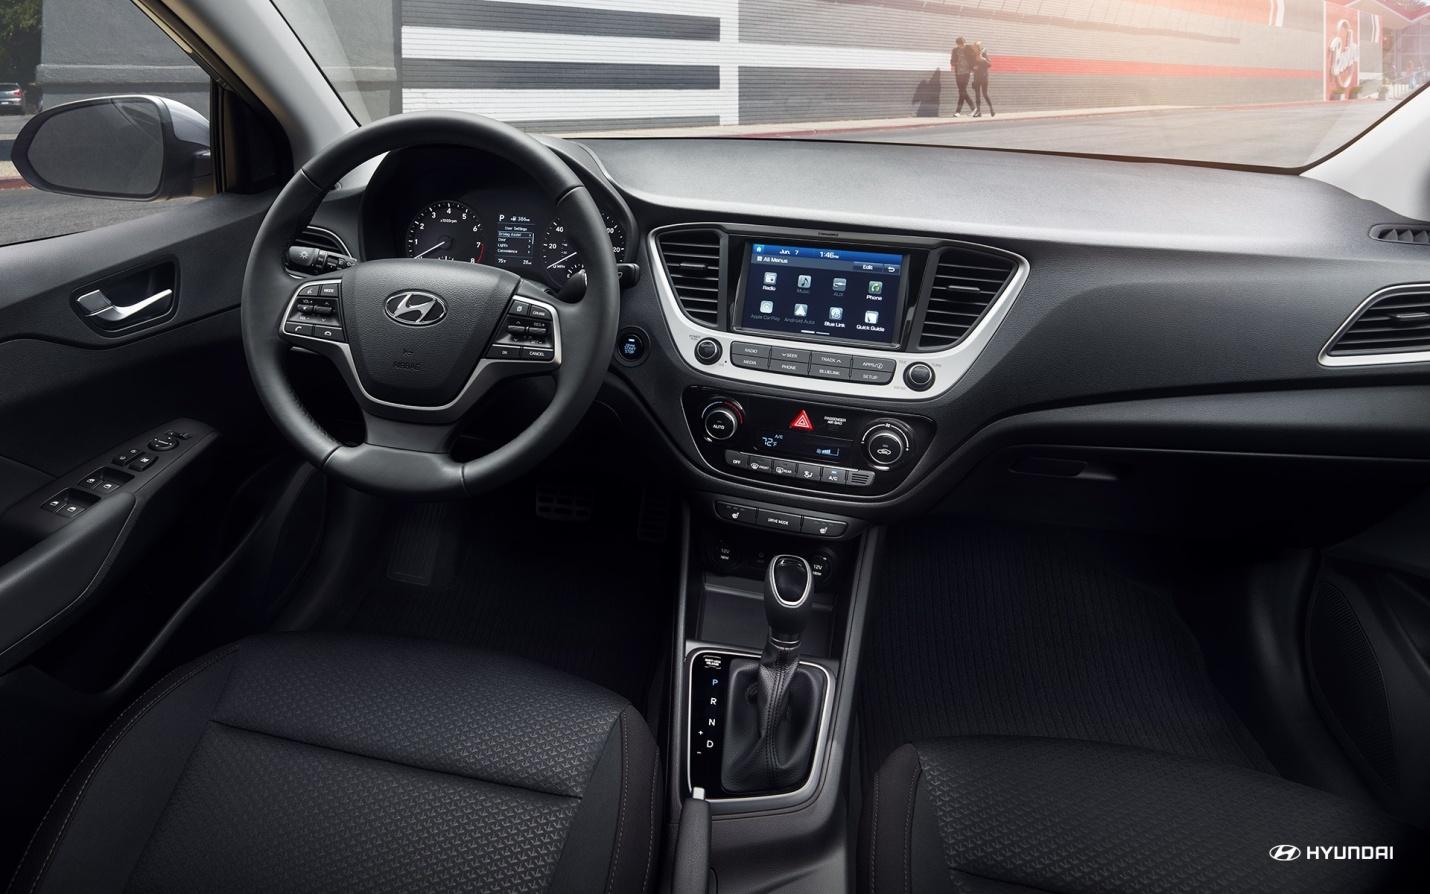 Interior del Hyundai Accent 2019 con tela negra.  Ponte cómodo y dale arranque a un modo mas divertido de conducir.